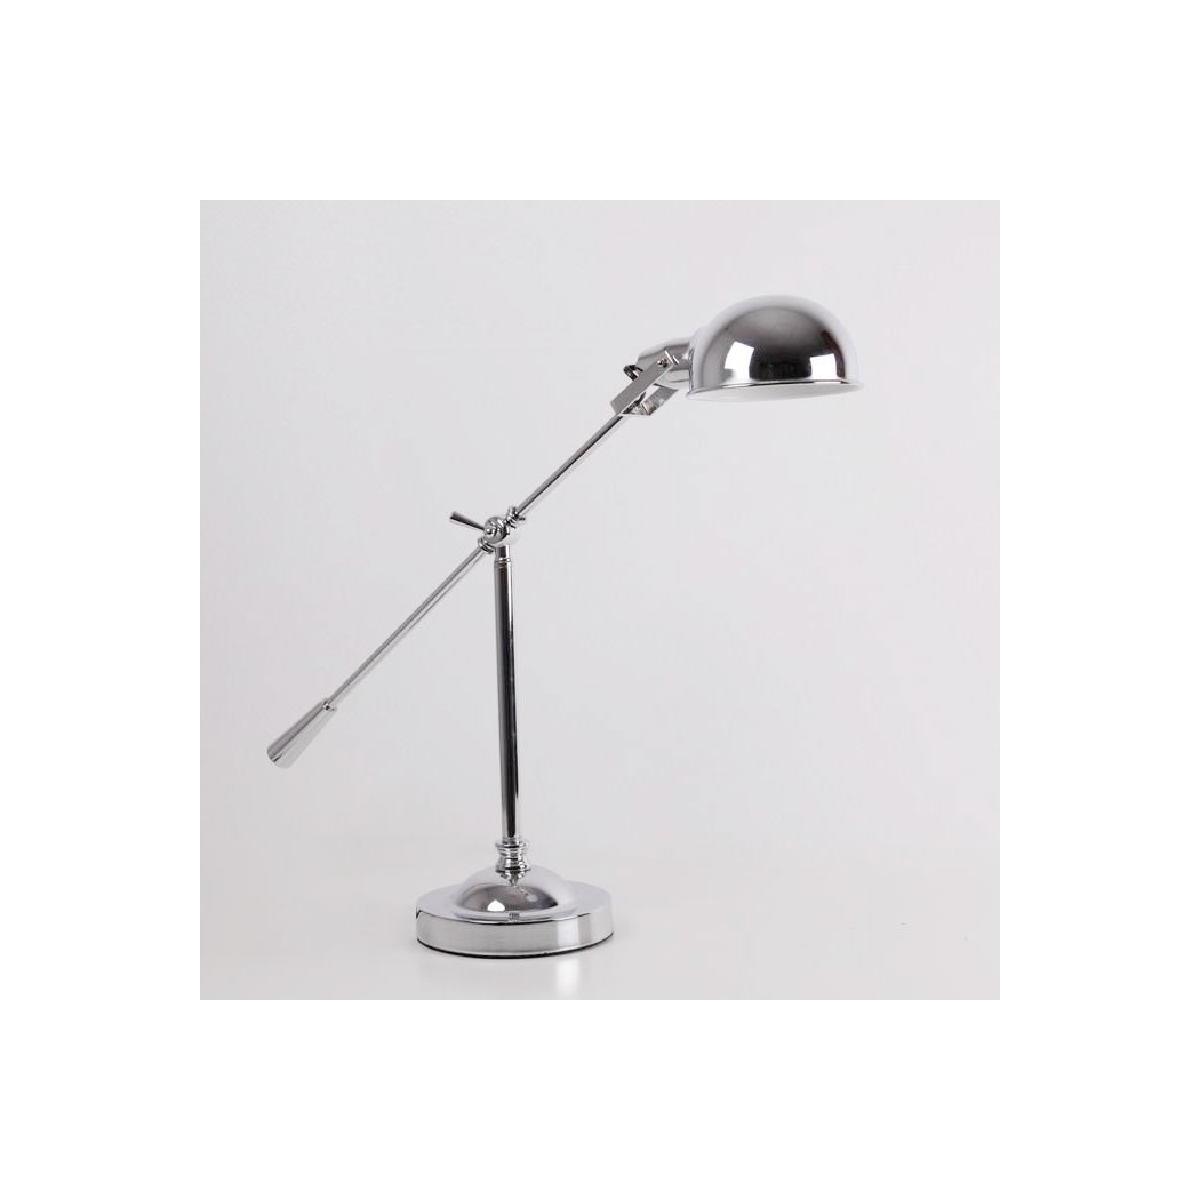 Lampada Da Tavolo Con Paralume 74x18x55 Metallo Cromato Amp Story 8285